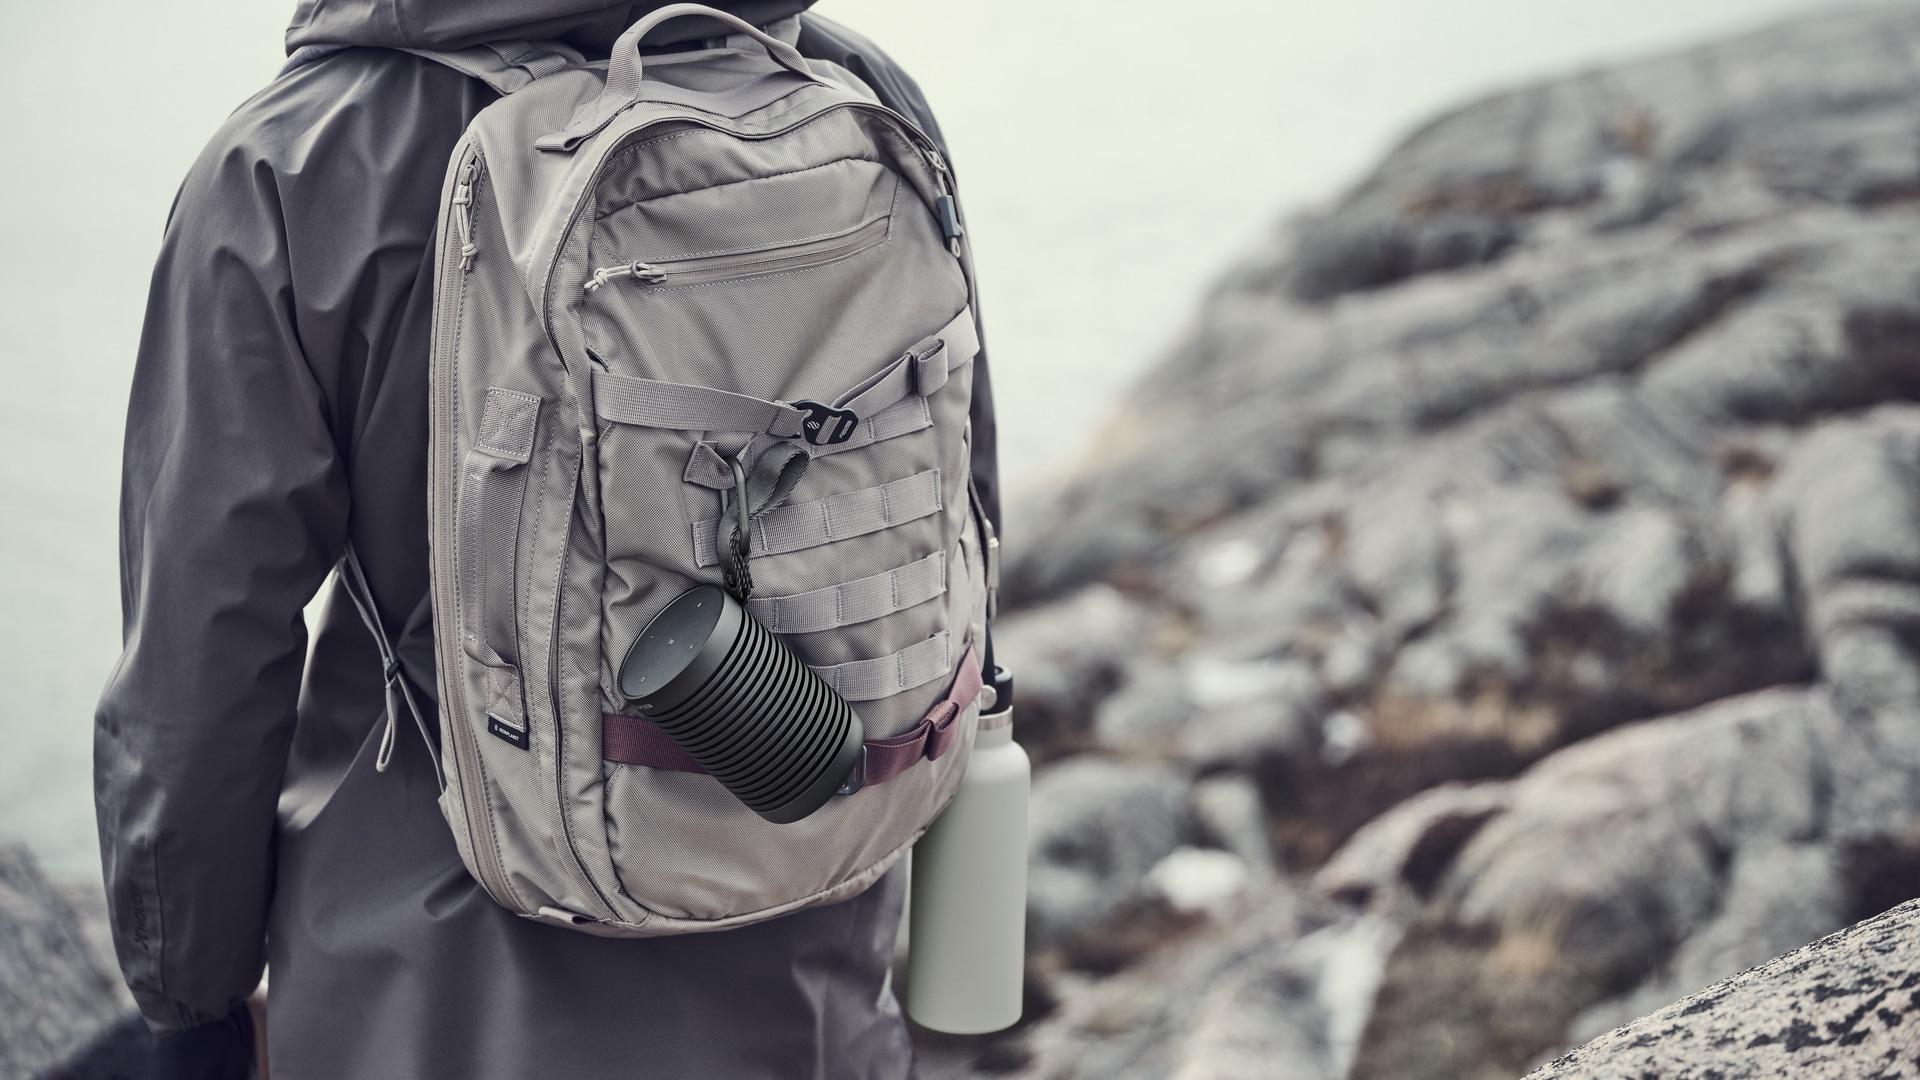 La Beosound Explore de Bang & Olufsen est fournie avec un mousqueton pour l'accrocher à un sac à dos.